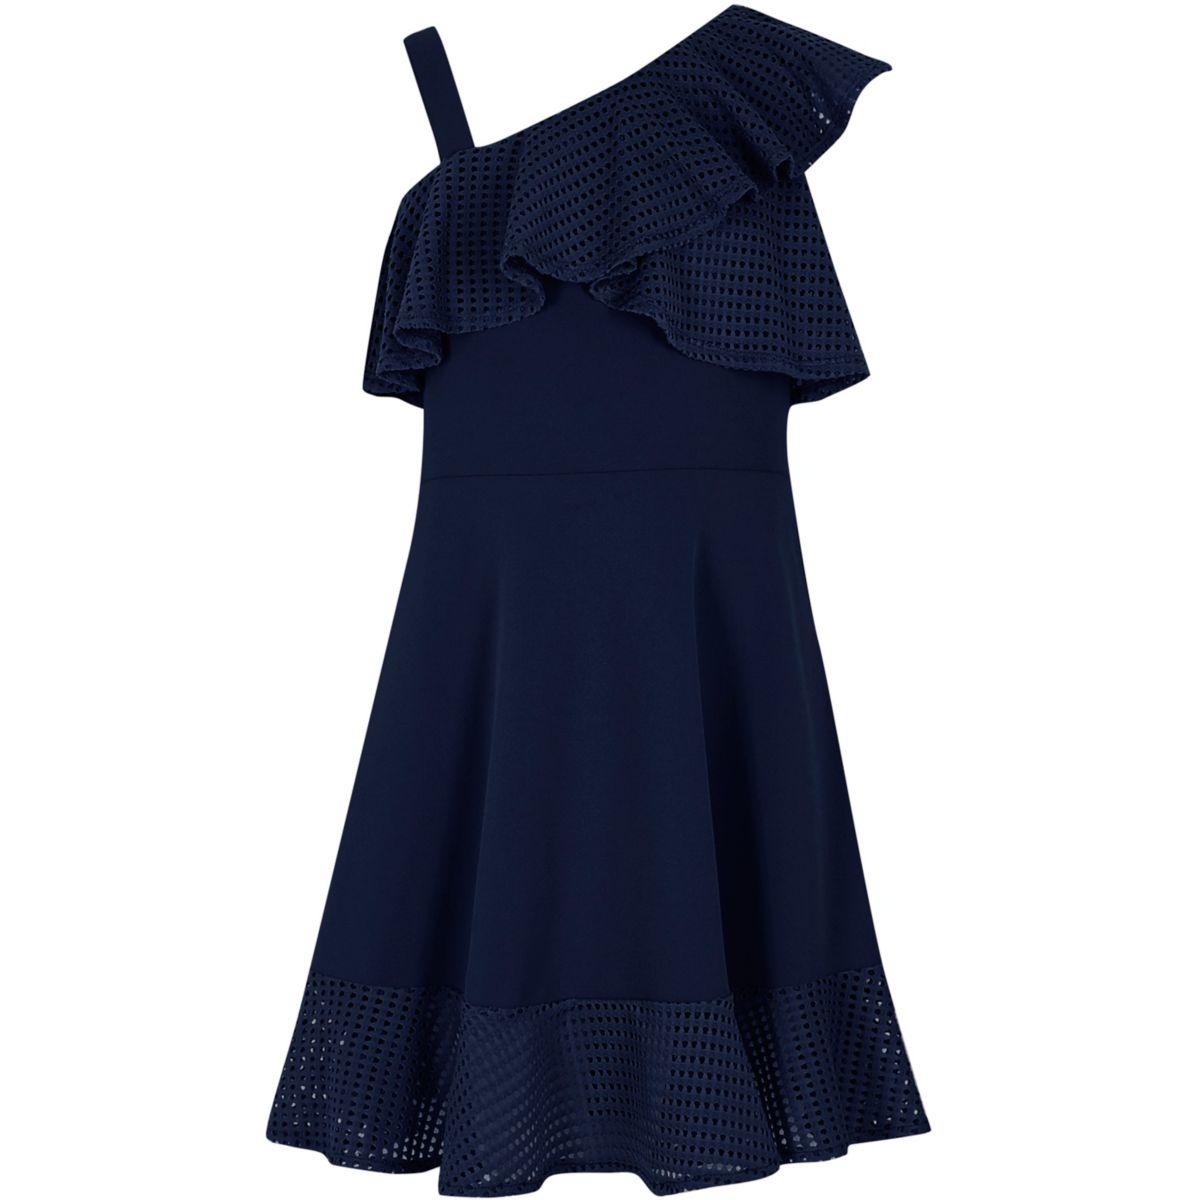 Girls navy mesh frill skater dress